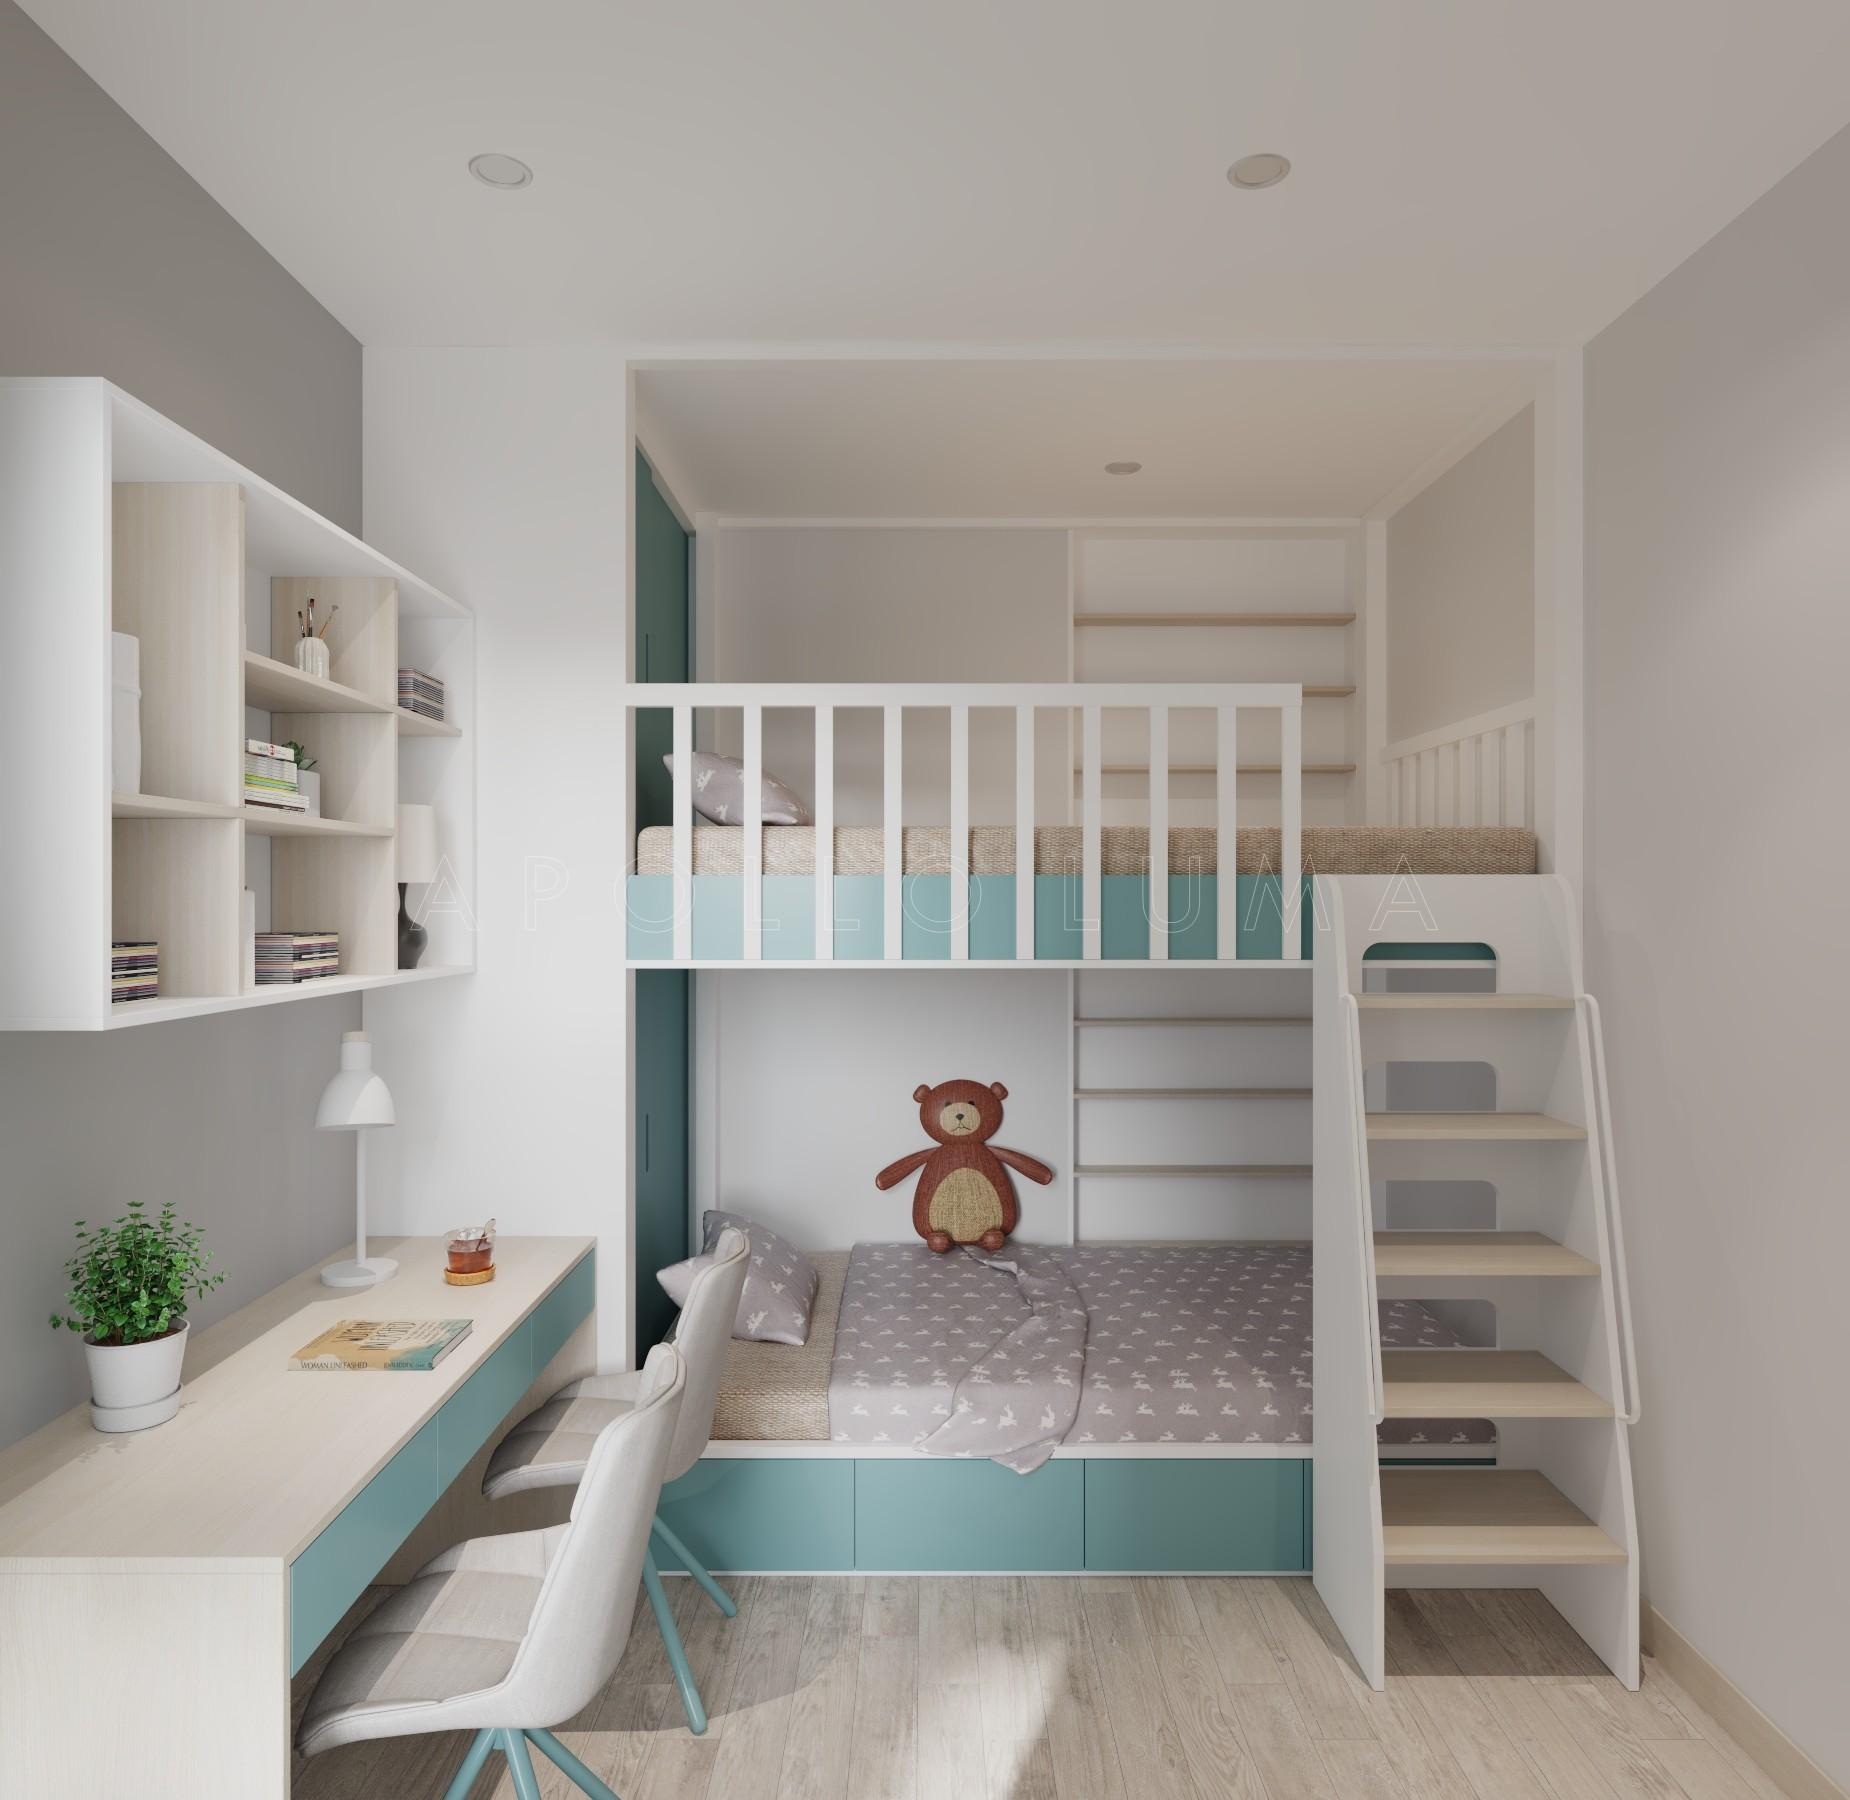 Thiết kế nội thất căn hộ 2PN+1 Vinhomes Smart City Tây Mỗ sang trọng